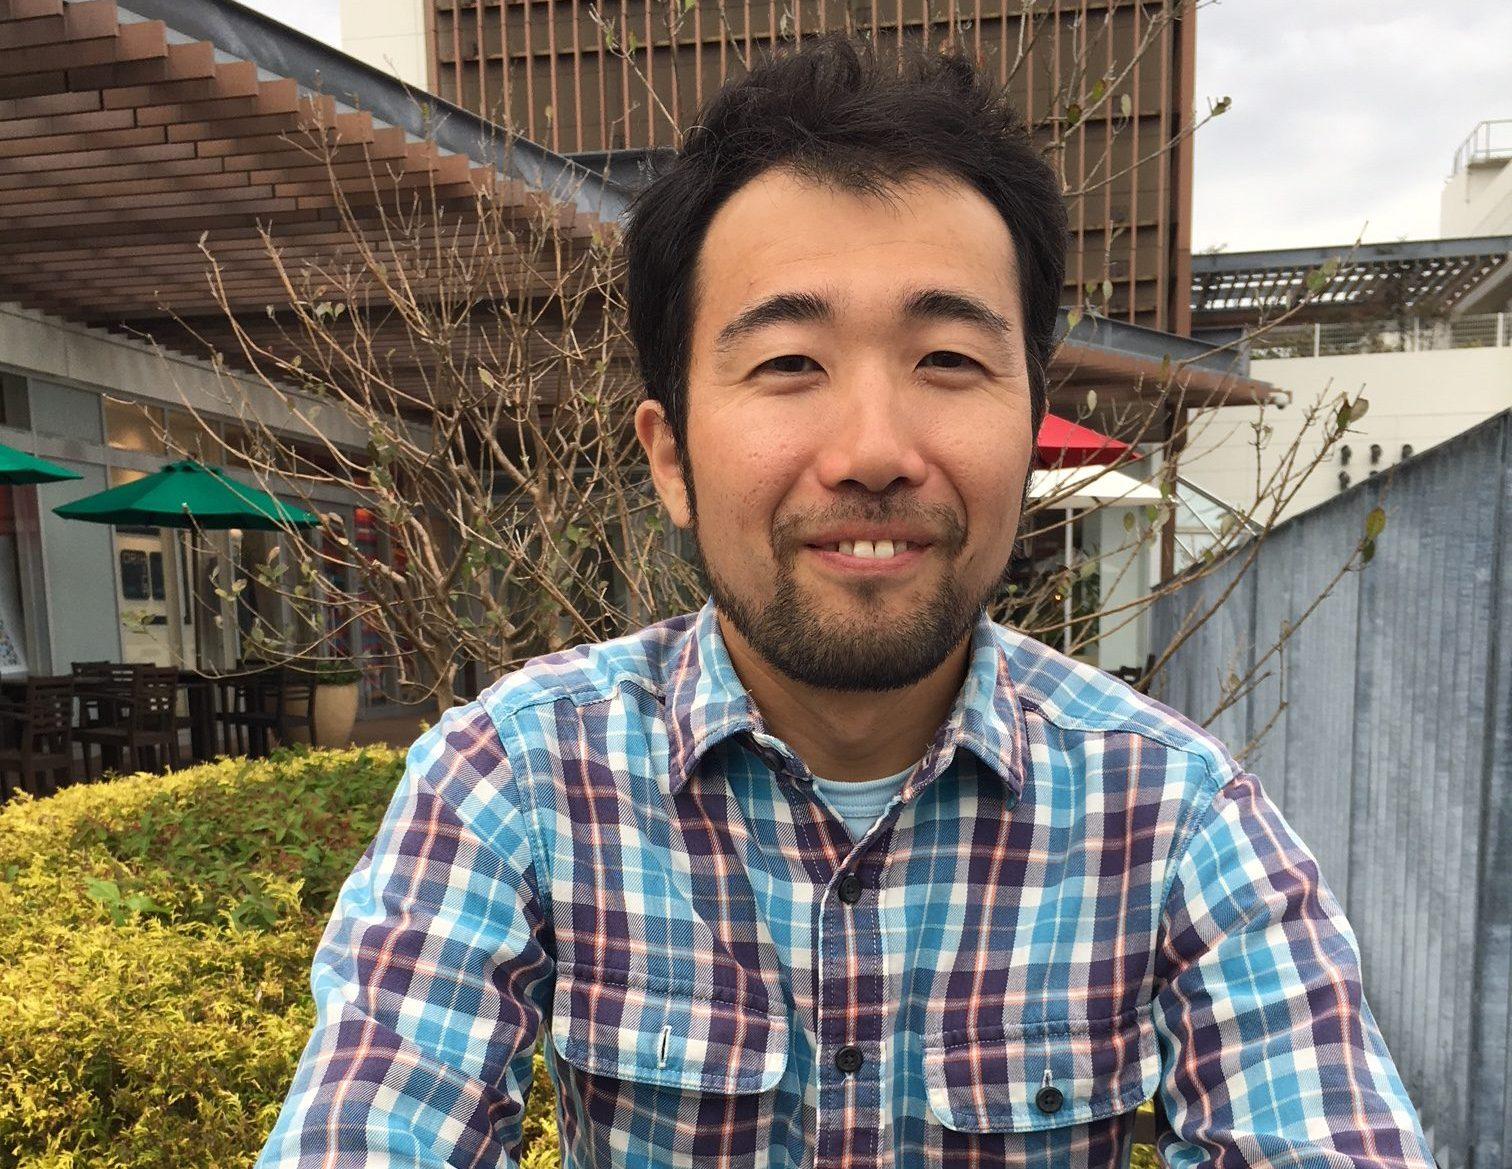 【第11回】そんな生き方あったんや!「身体性でしっくりくるか」きこり・菊地貴幸さん